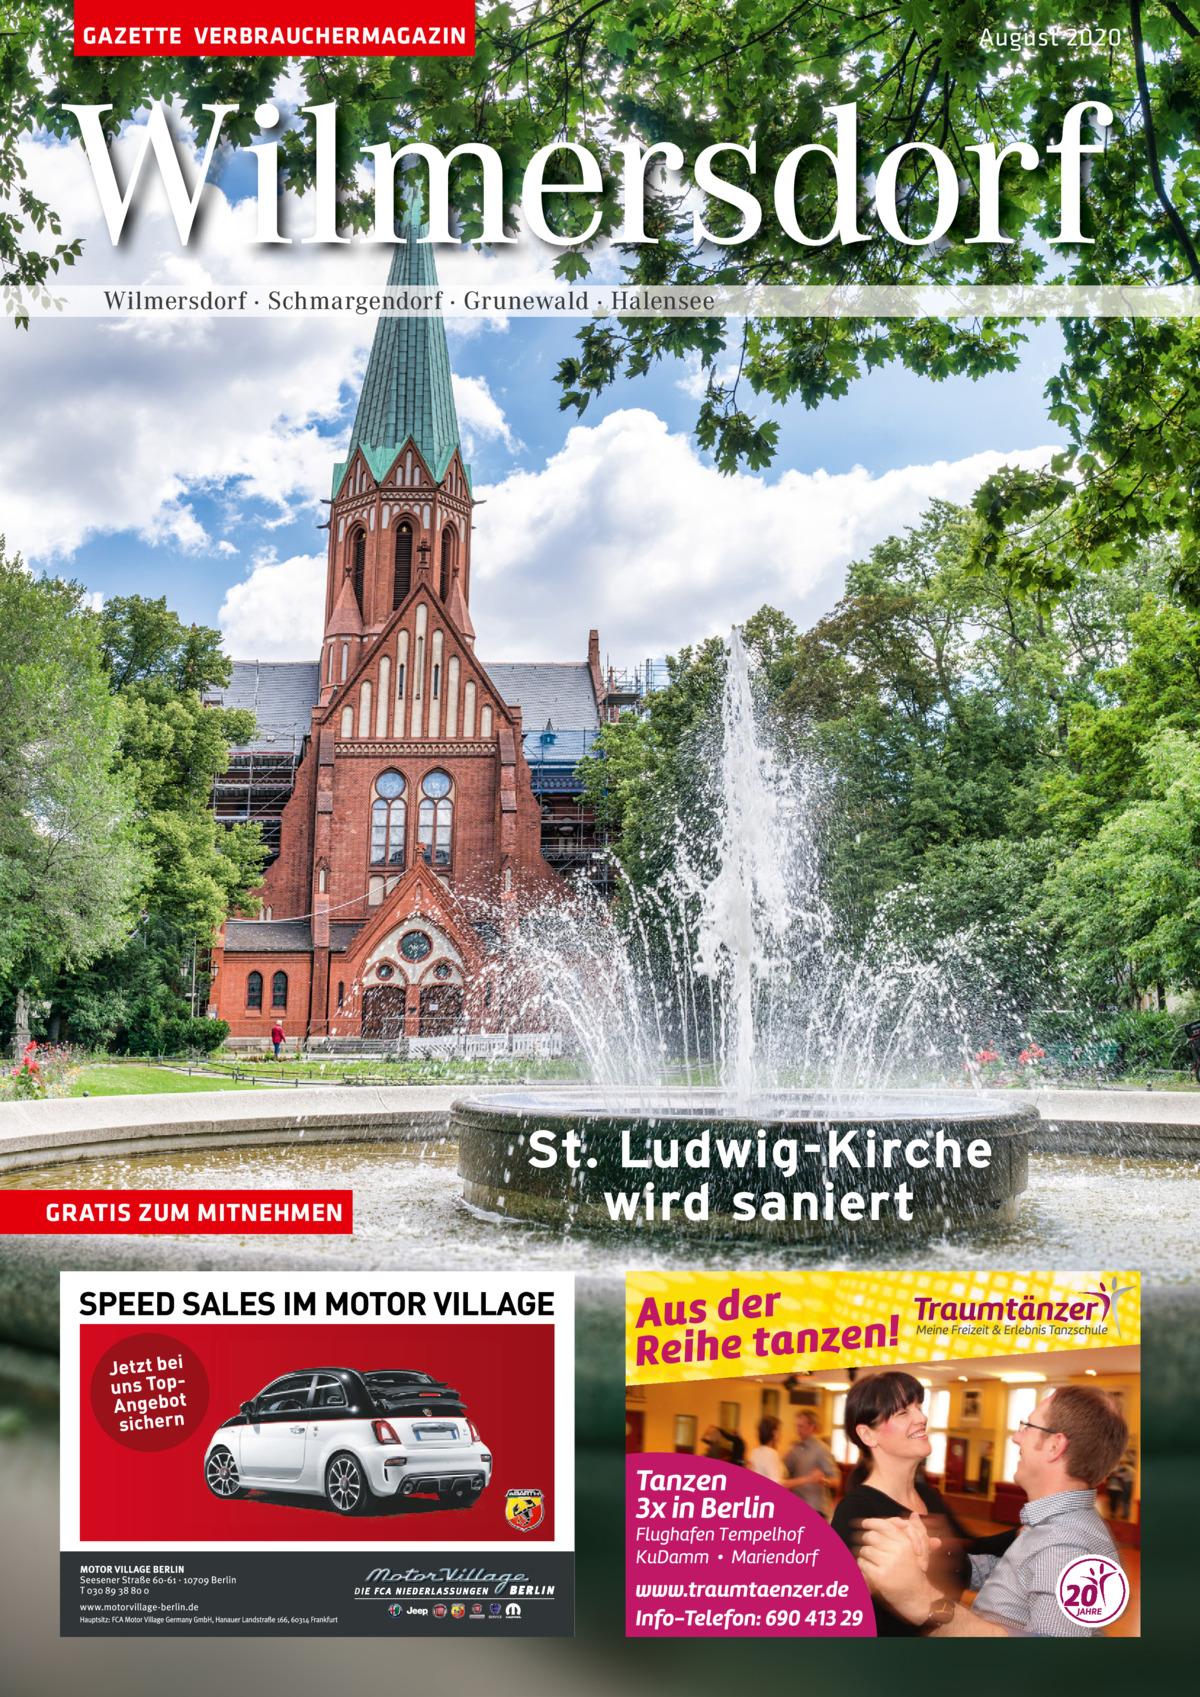 GAZETTE VERBRAUCHERMAGAZIN  August 2020  Wilmersdorf Wilmersdorf · Schmargendorf · Grunewald · Halensee  GRATIS ZUM MITNEHMEN  St. Ludwig-Kirche wird saniert